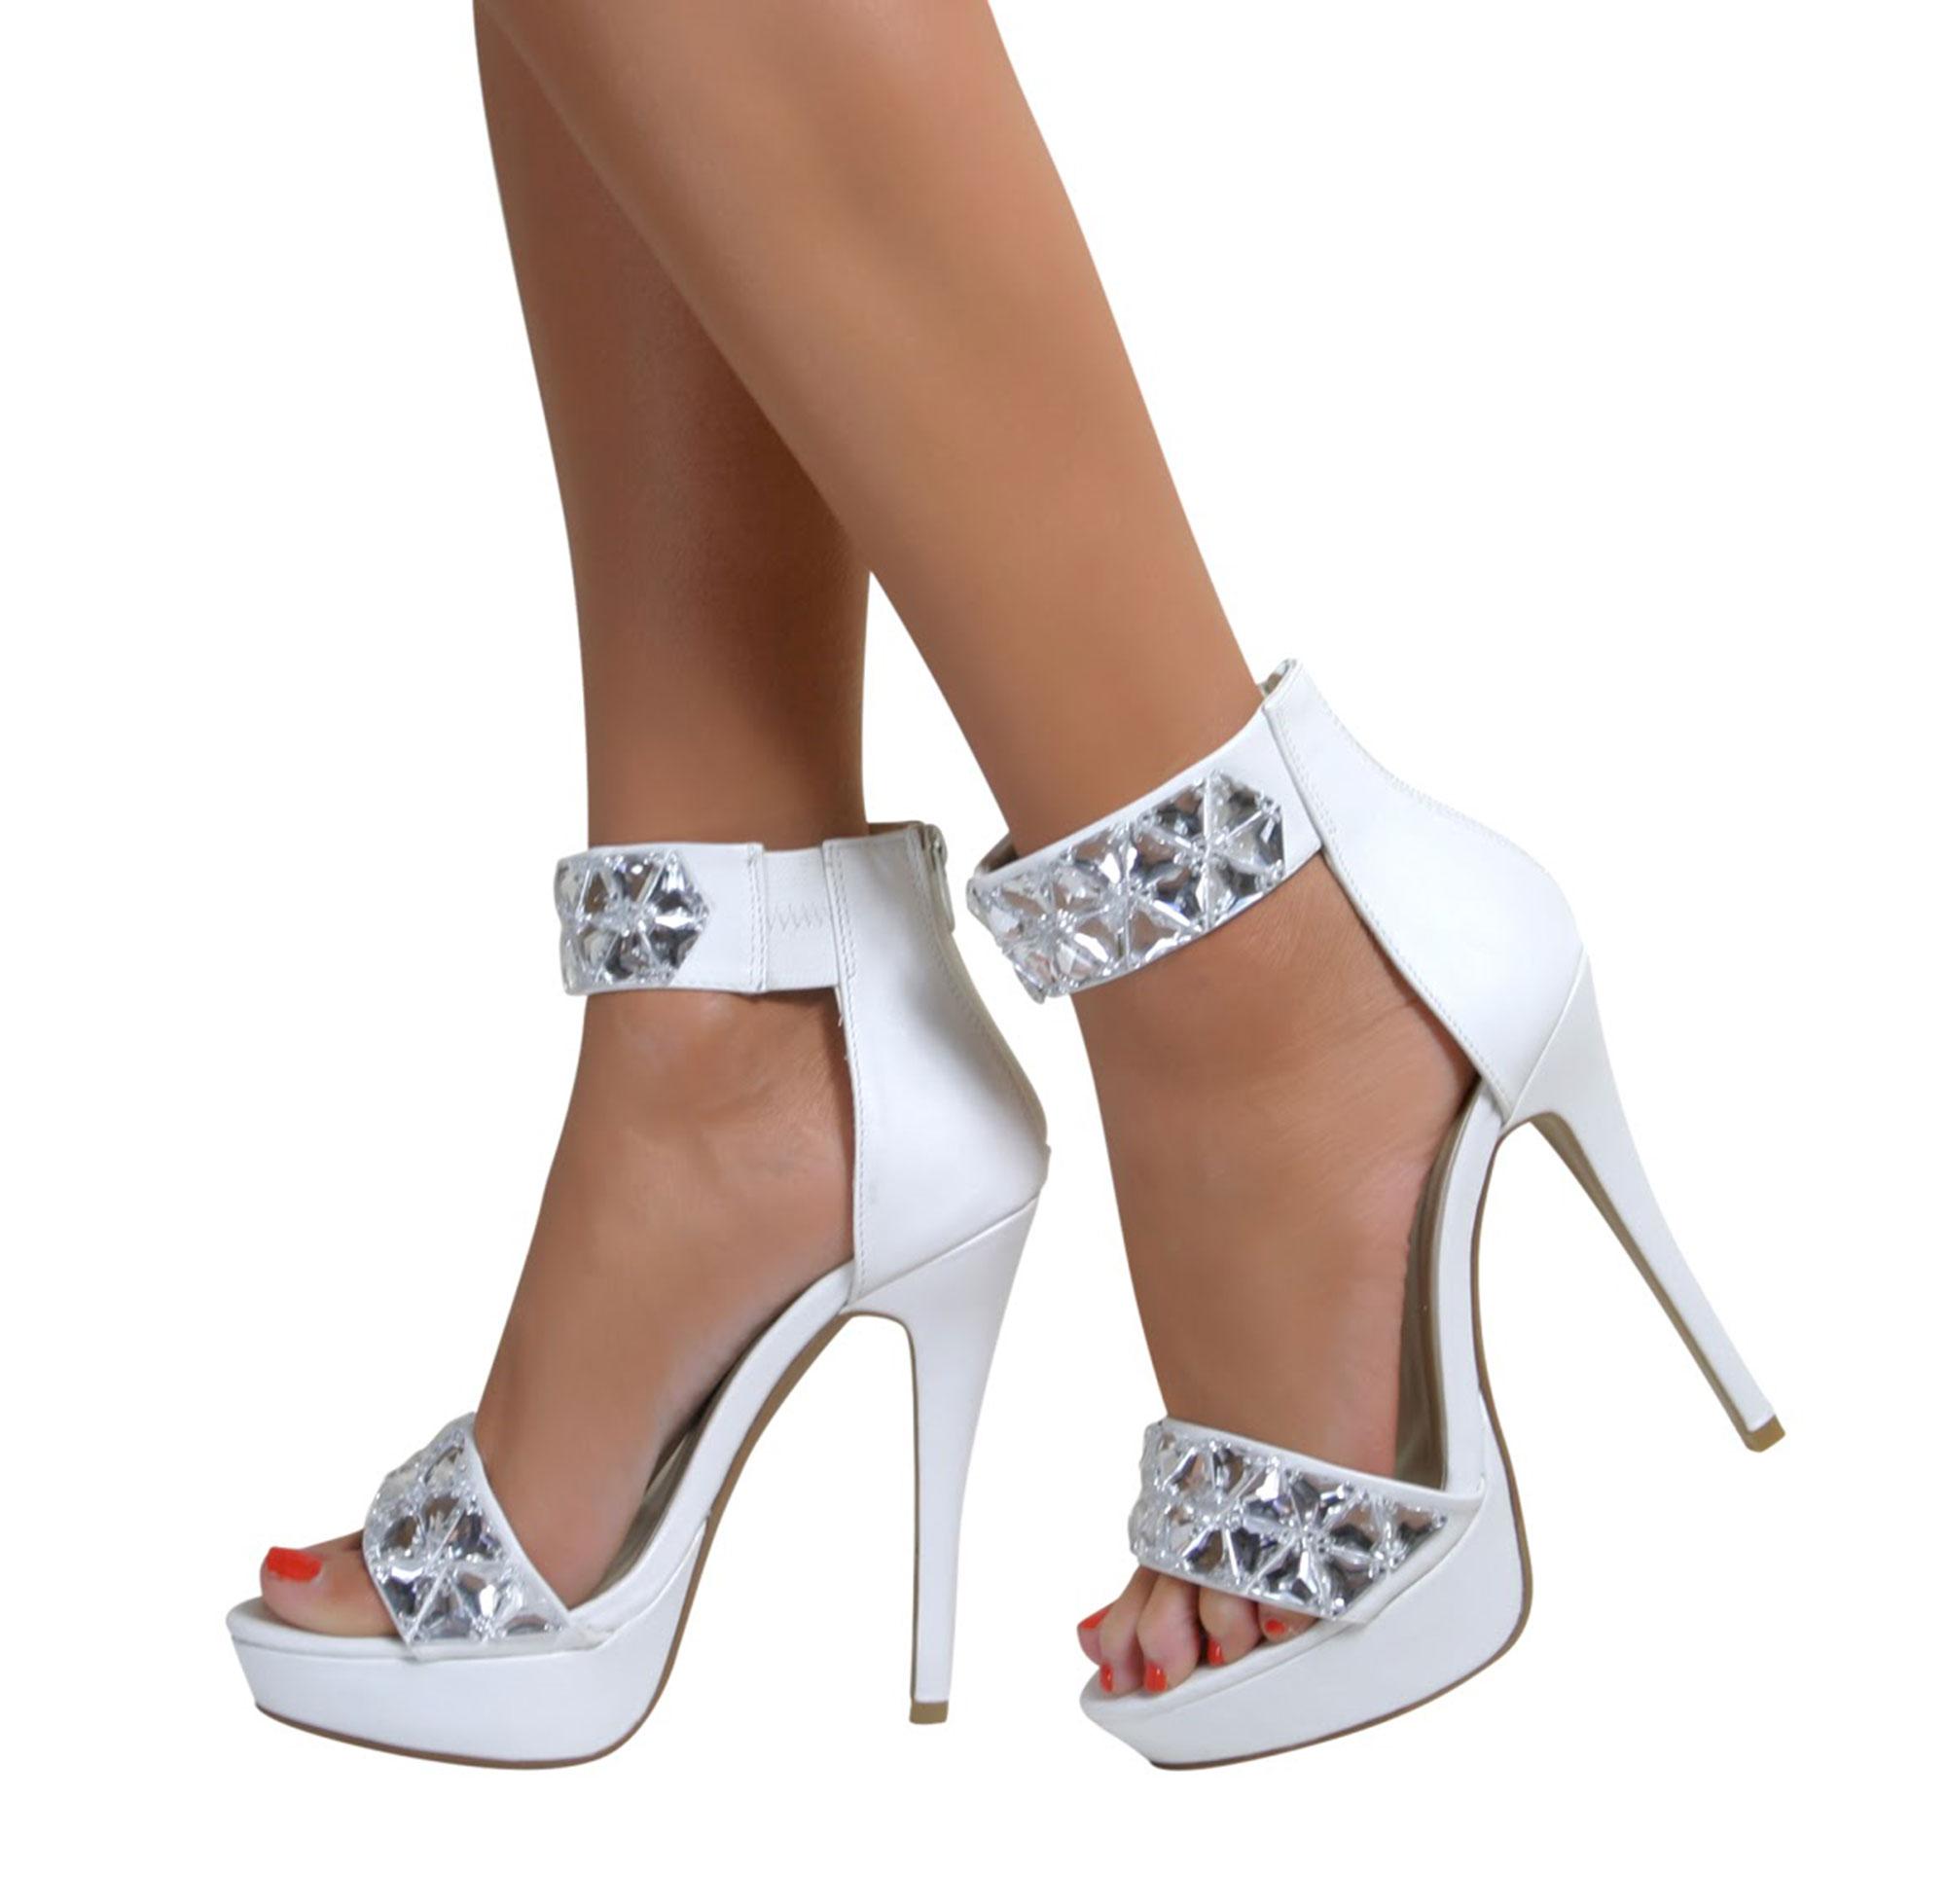 Ladies Stiletto Ankle Cuff Strap High Heel Strappy Zip Sandals ...